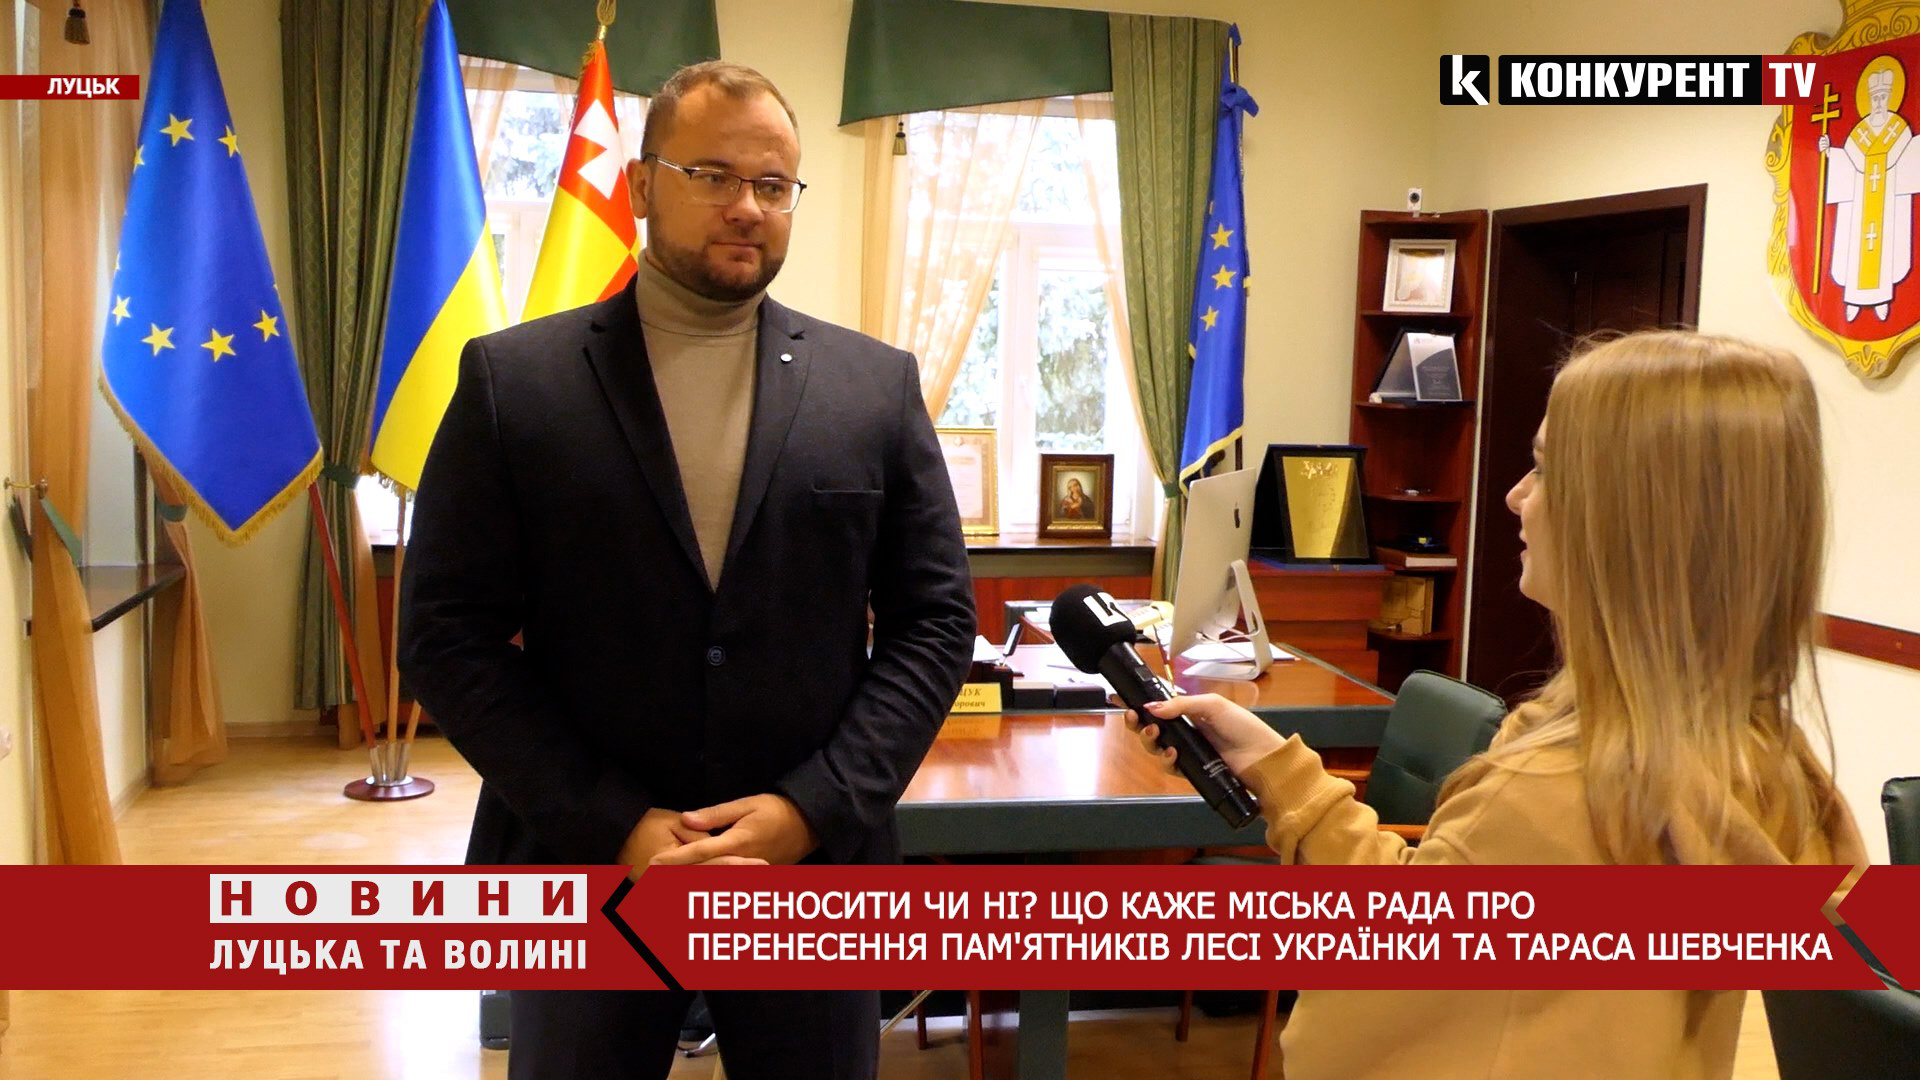 Переносити чи ні? Що каже Луцькрада про перенесення пам'ятників Лесі Українці і Тарасу Шевченку (відео)